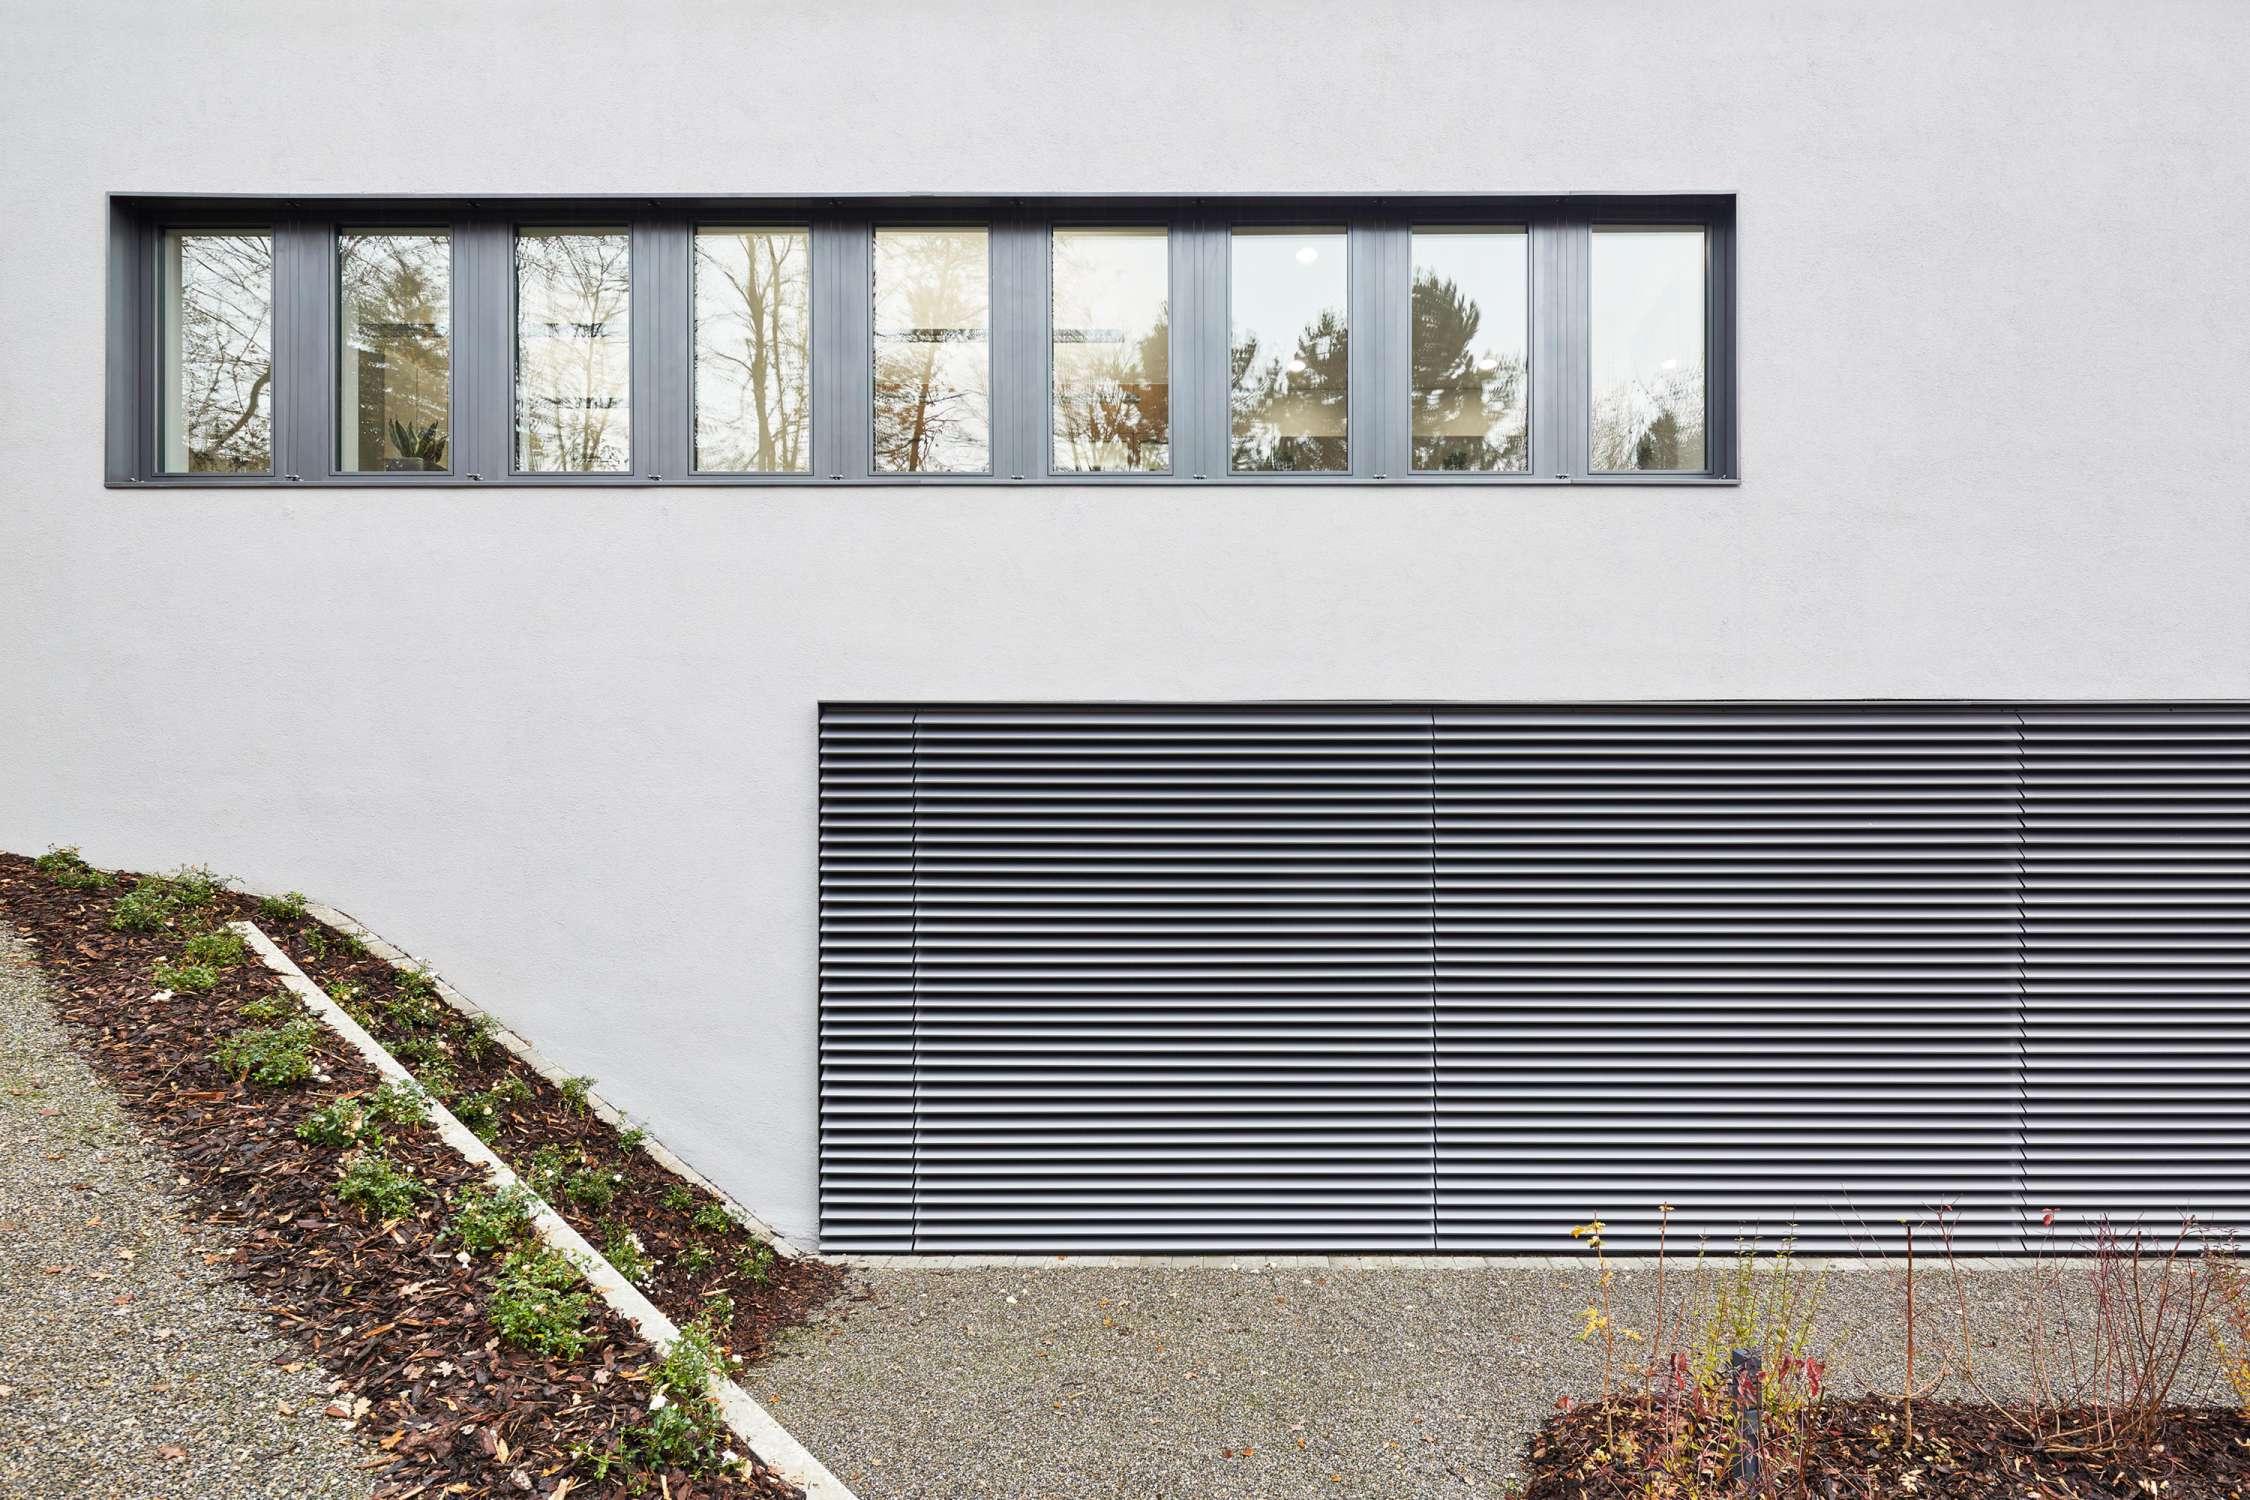 Laborgebäude für präklinische Bildgebung der Werner Siemens-Stiftung (12)